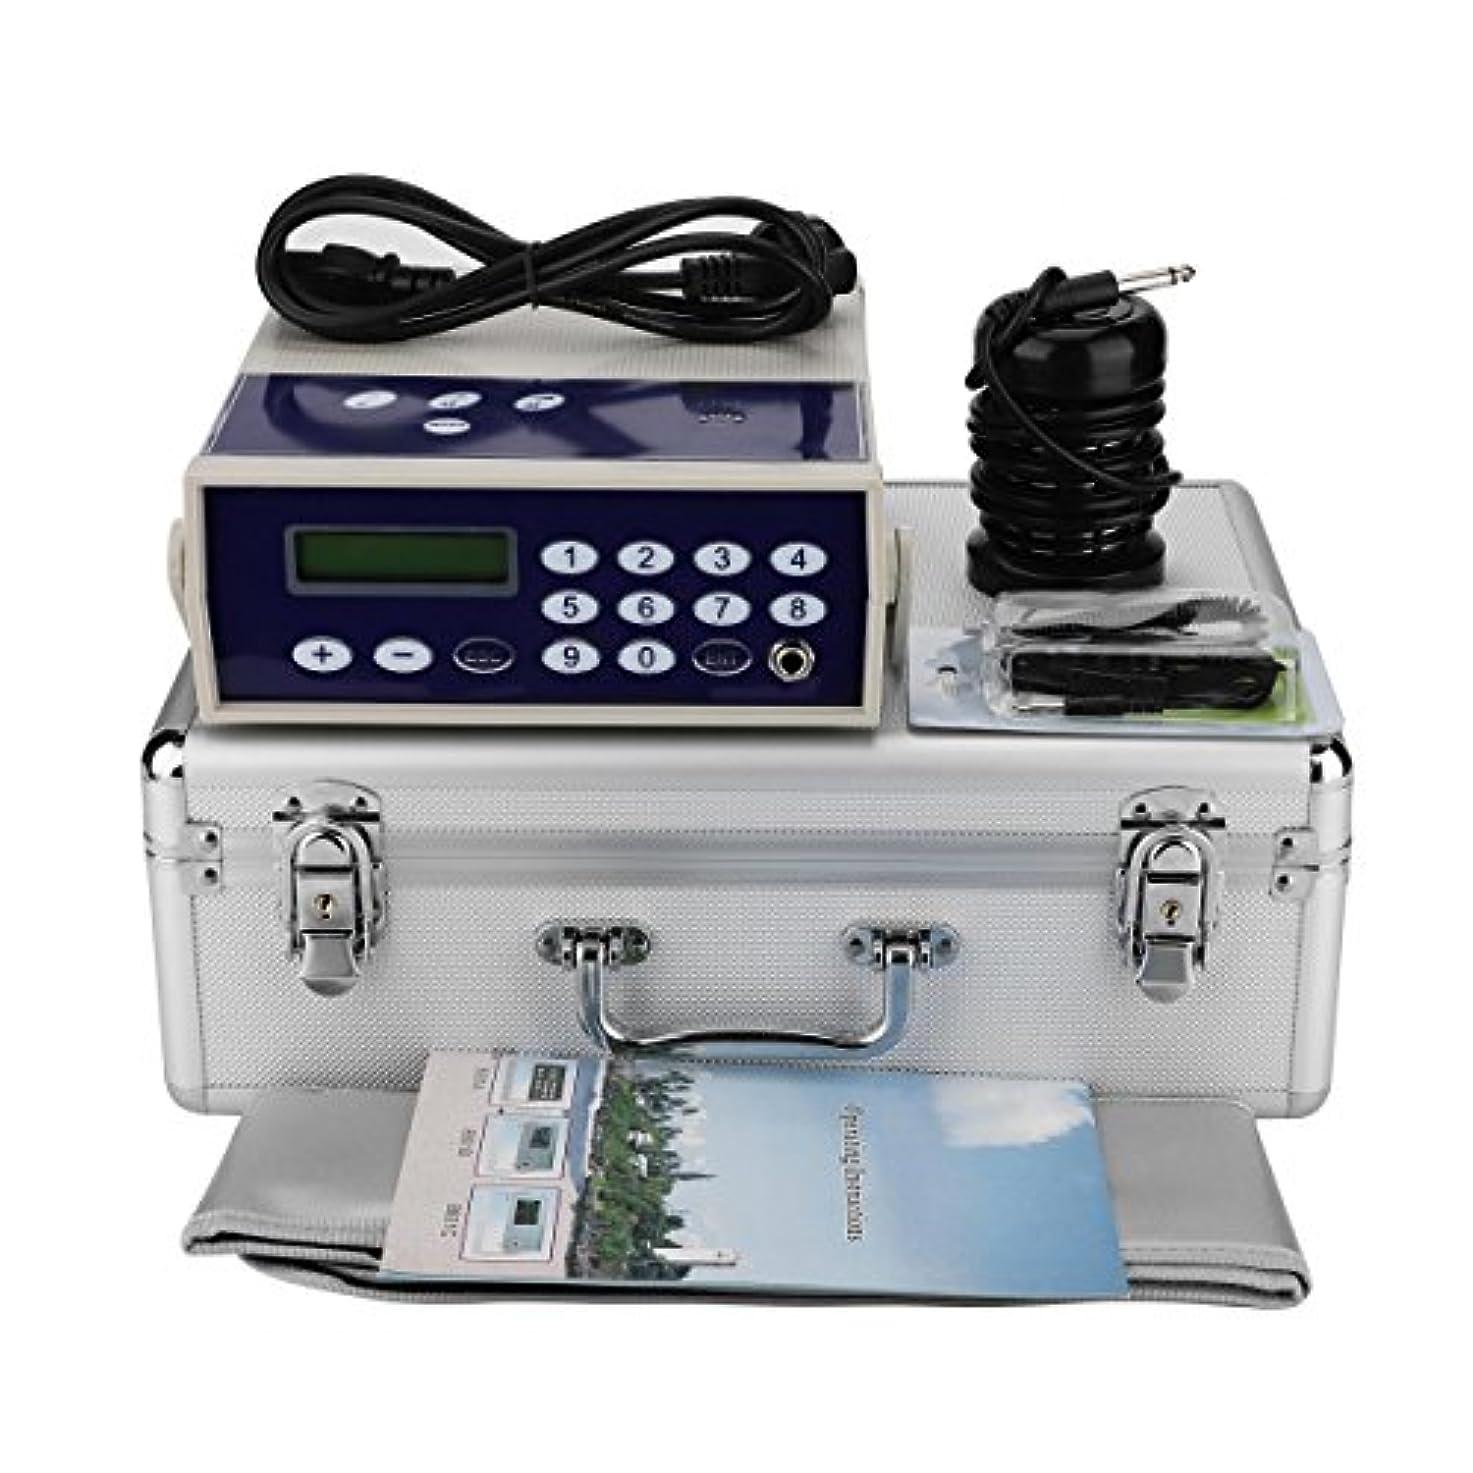 アームストロング制裁ストレージイオンフットバスデトックスマシン、プロフェッショナルイオンイオンアレイボディデトックスマシンスパ赤外線腰ベルトで浄化(110-220V)